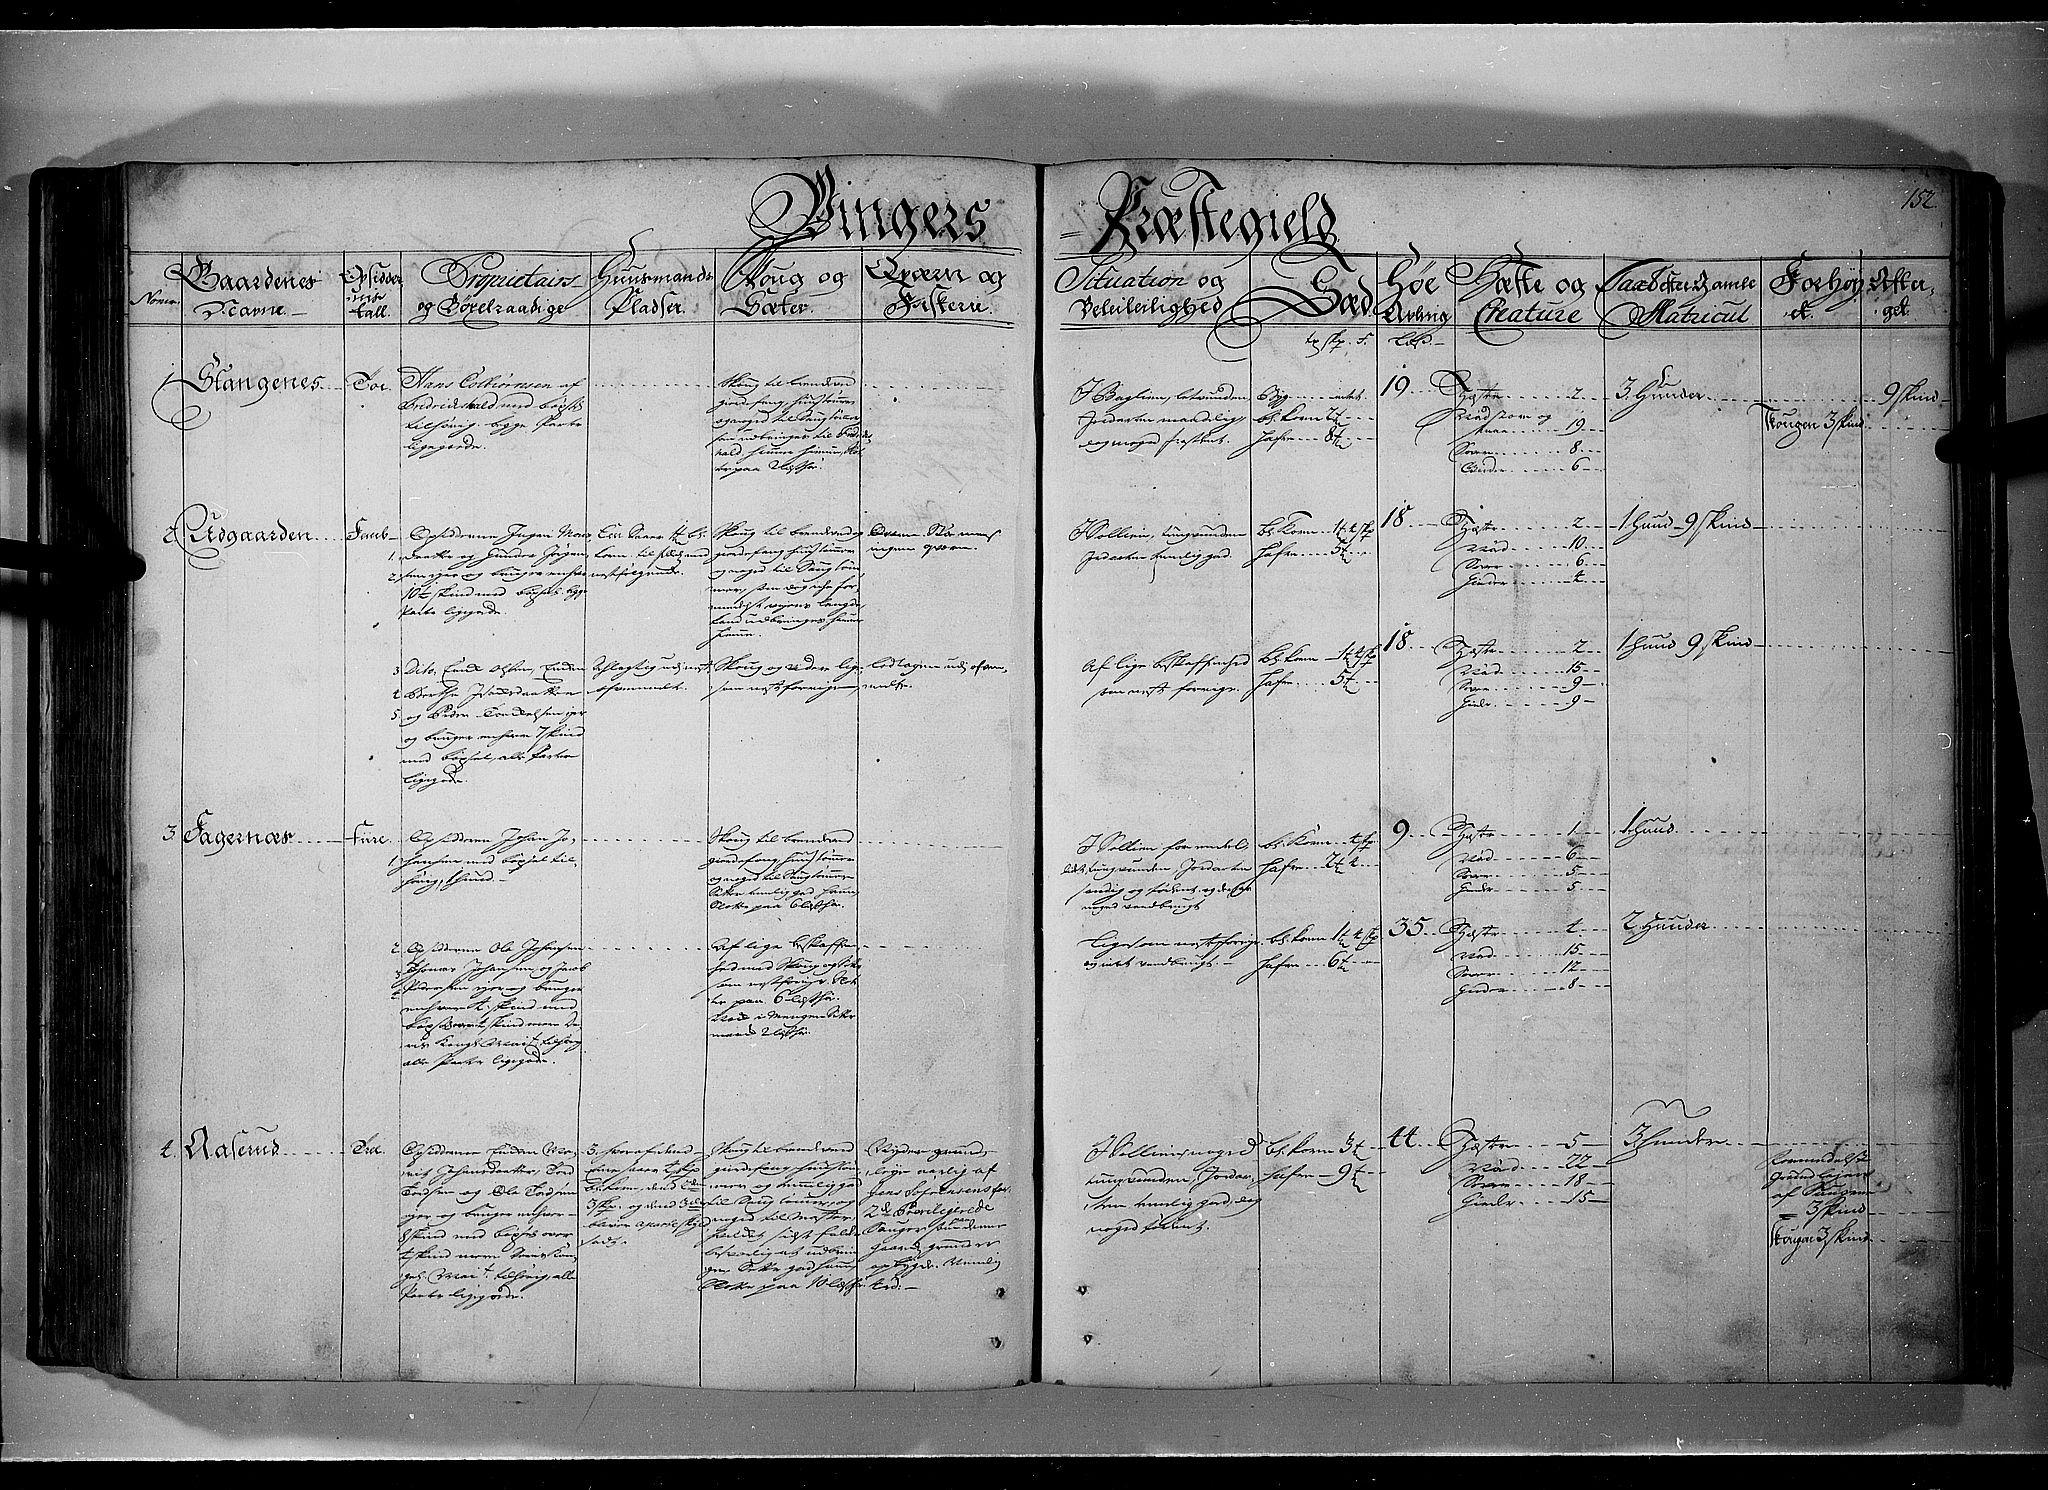 RA, Rentekammeret inntil 1814, Realistisk ordnet avdeling, N/Nb/Nbf/L0101: Solør, Østerdalen og Odal eksaminasjonsprotokoll, 1723, s. 151b-152a